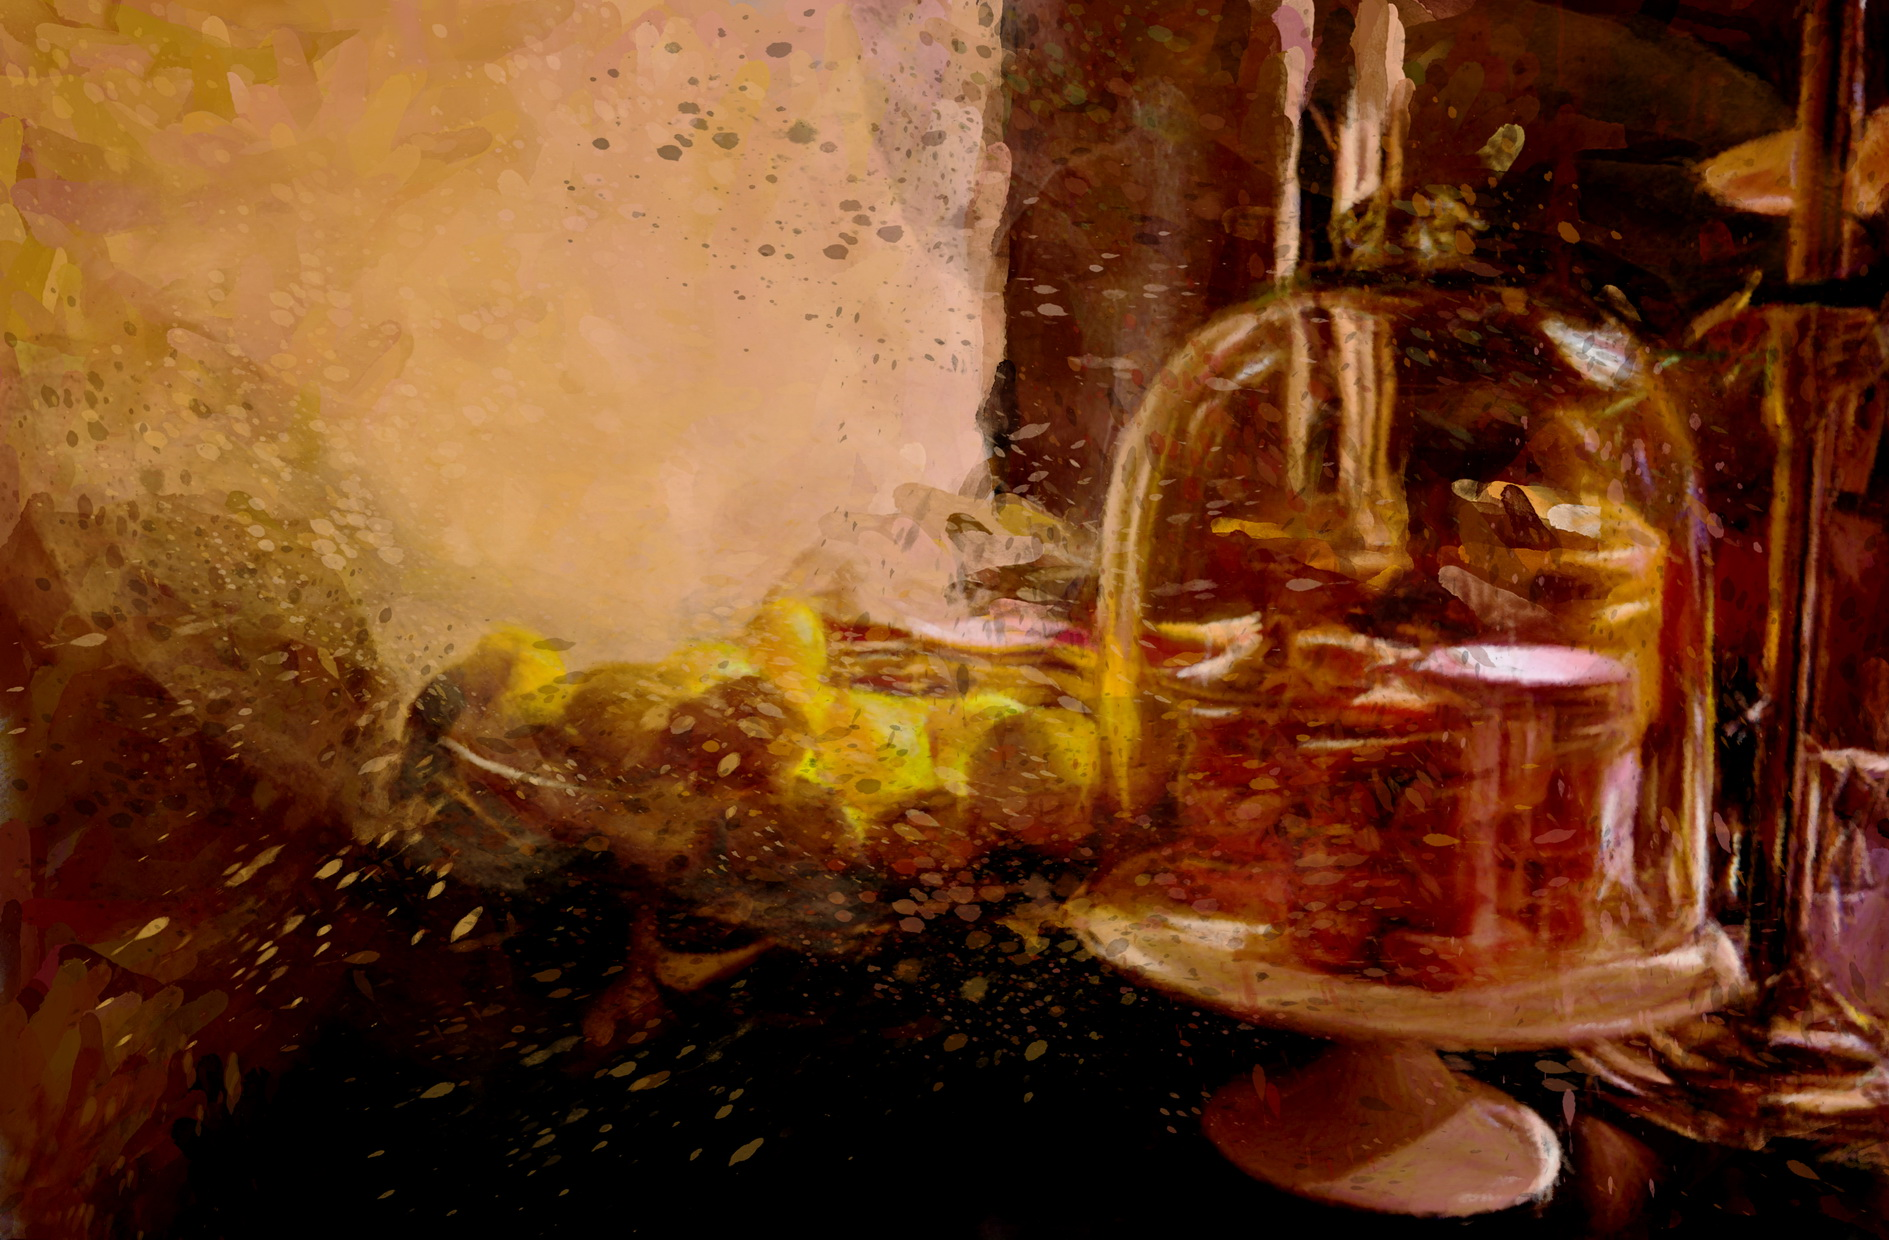 Citrons et ambiance Flamant Interiors, un tableau de l'artiste Laure Van De Meele